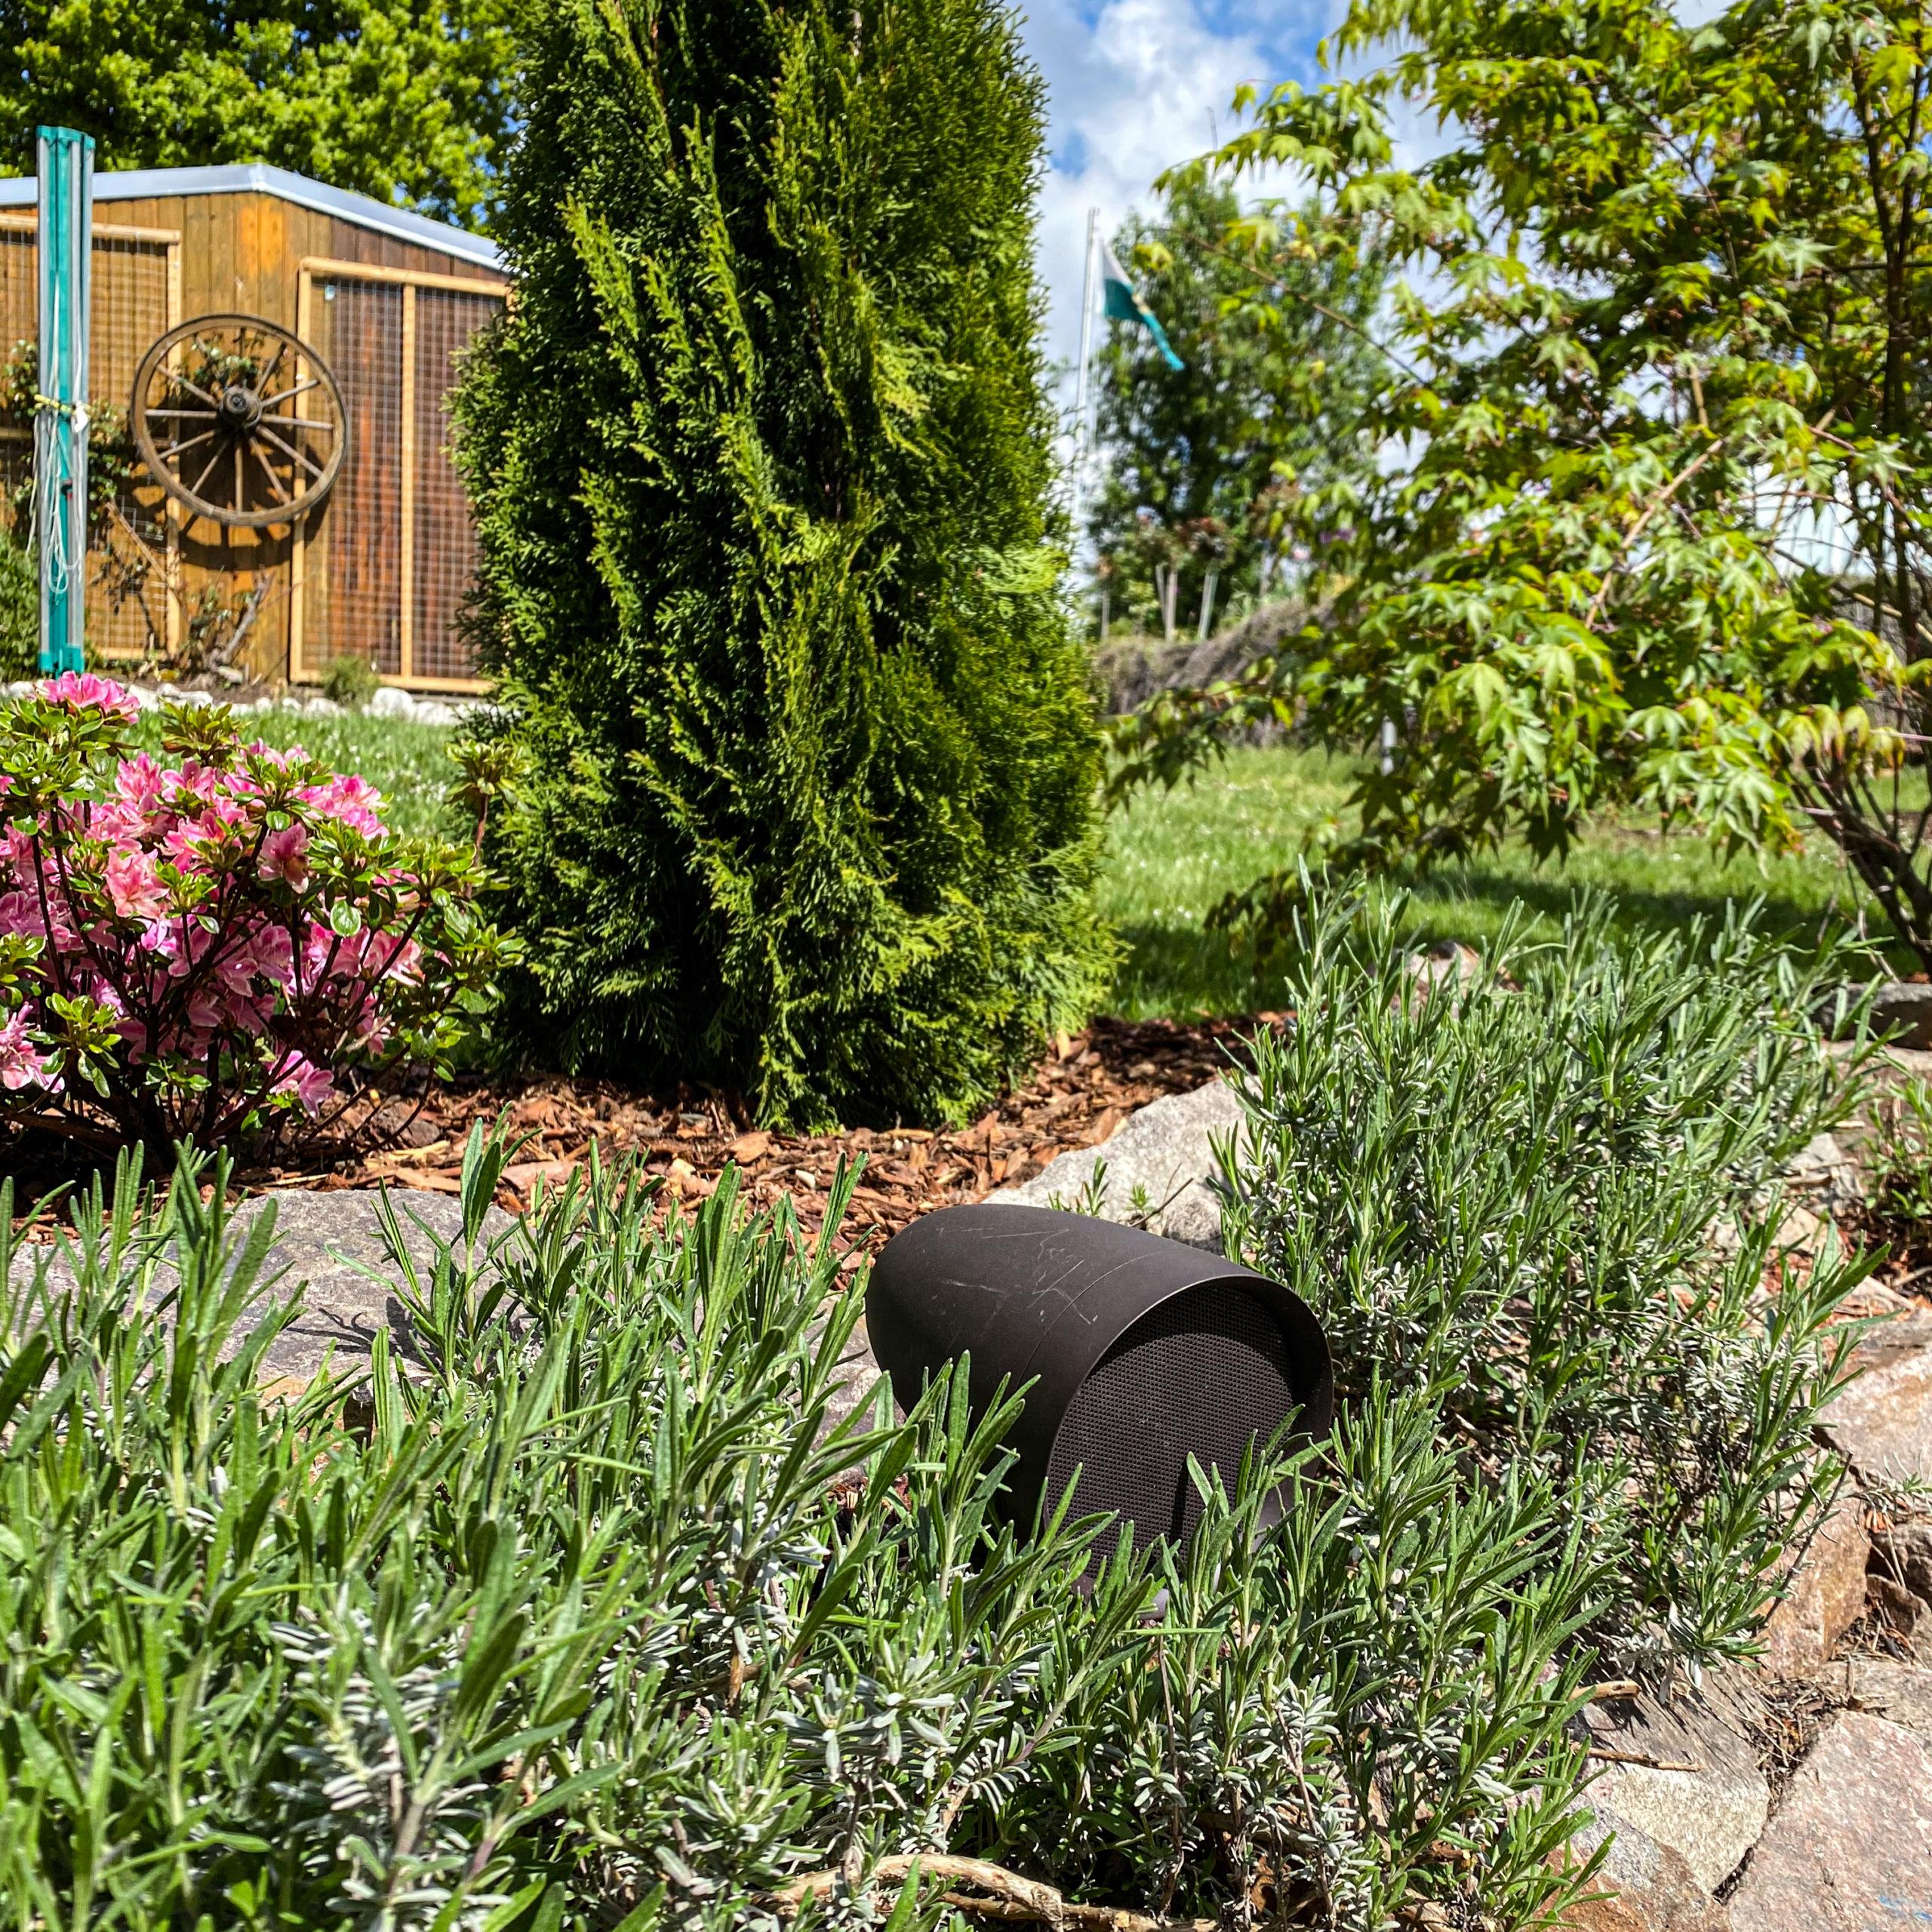 Satellitenlautsprecher - Sonance Patio Außenlautsprecher im Garten